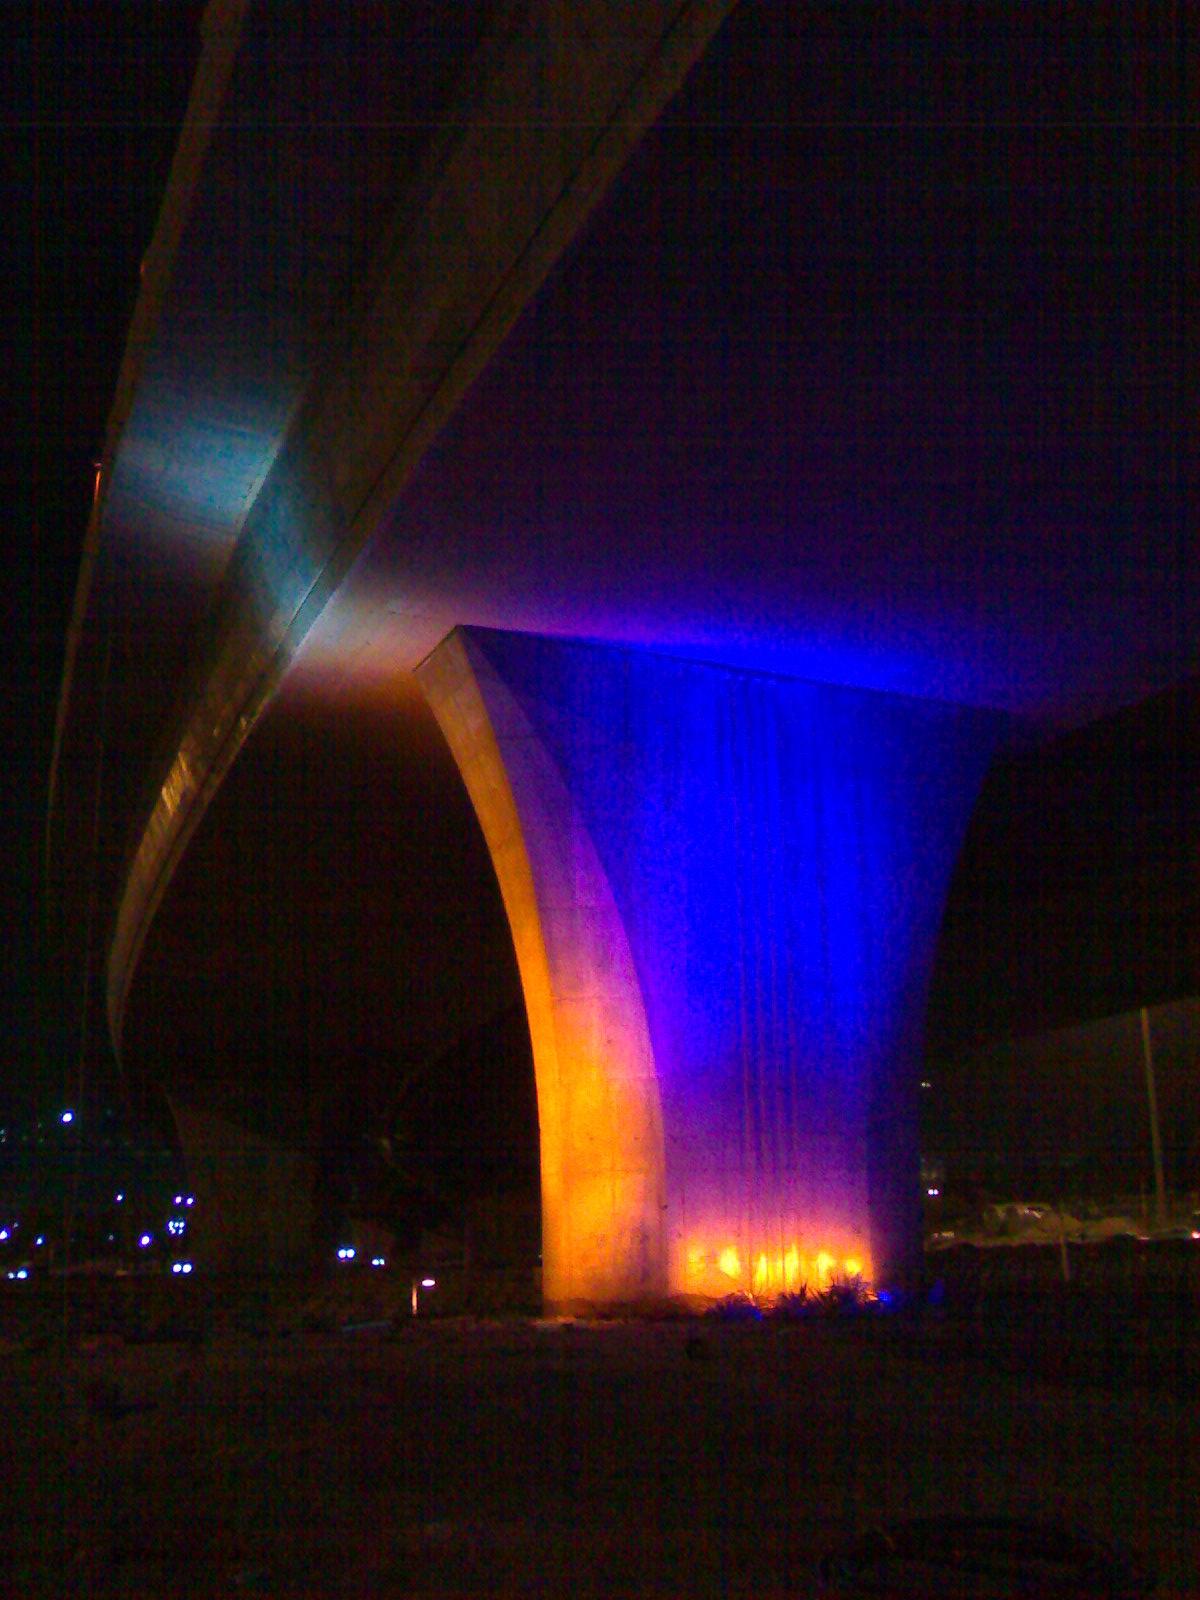 نمونه نورپردازی تست اجرا شده بر روی یکی از پایه های میدان جمهور اسلامی